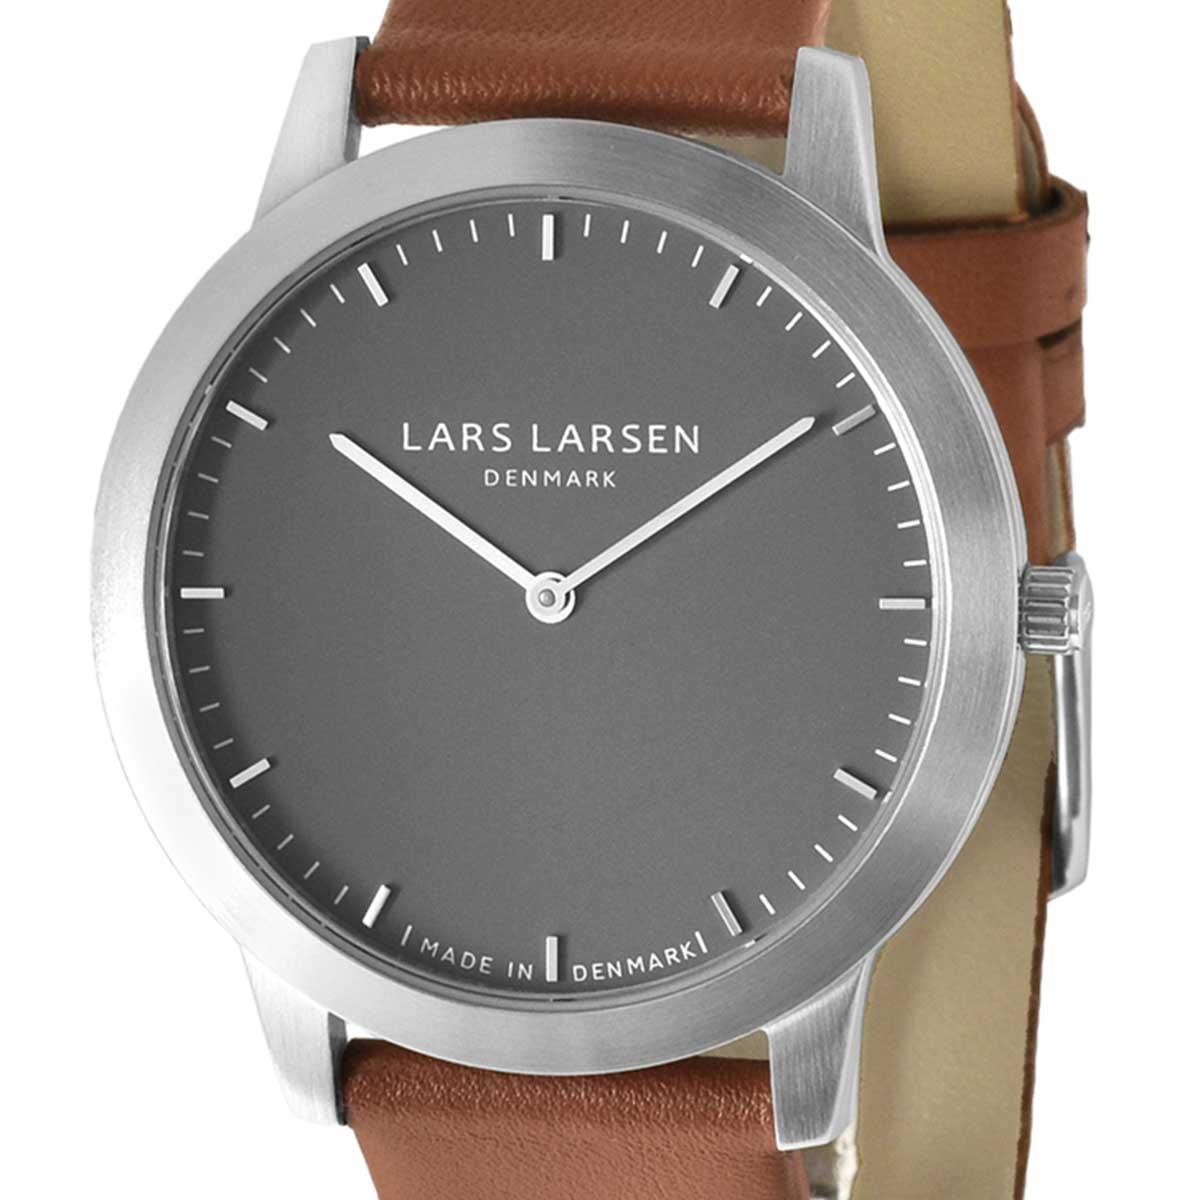 LARS LARSEN ラースラーセン (LLARSEN エルラーセン) 電池式クォーツ 腕時計 [135SG] 並行輸入品